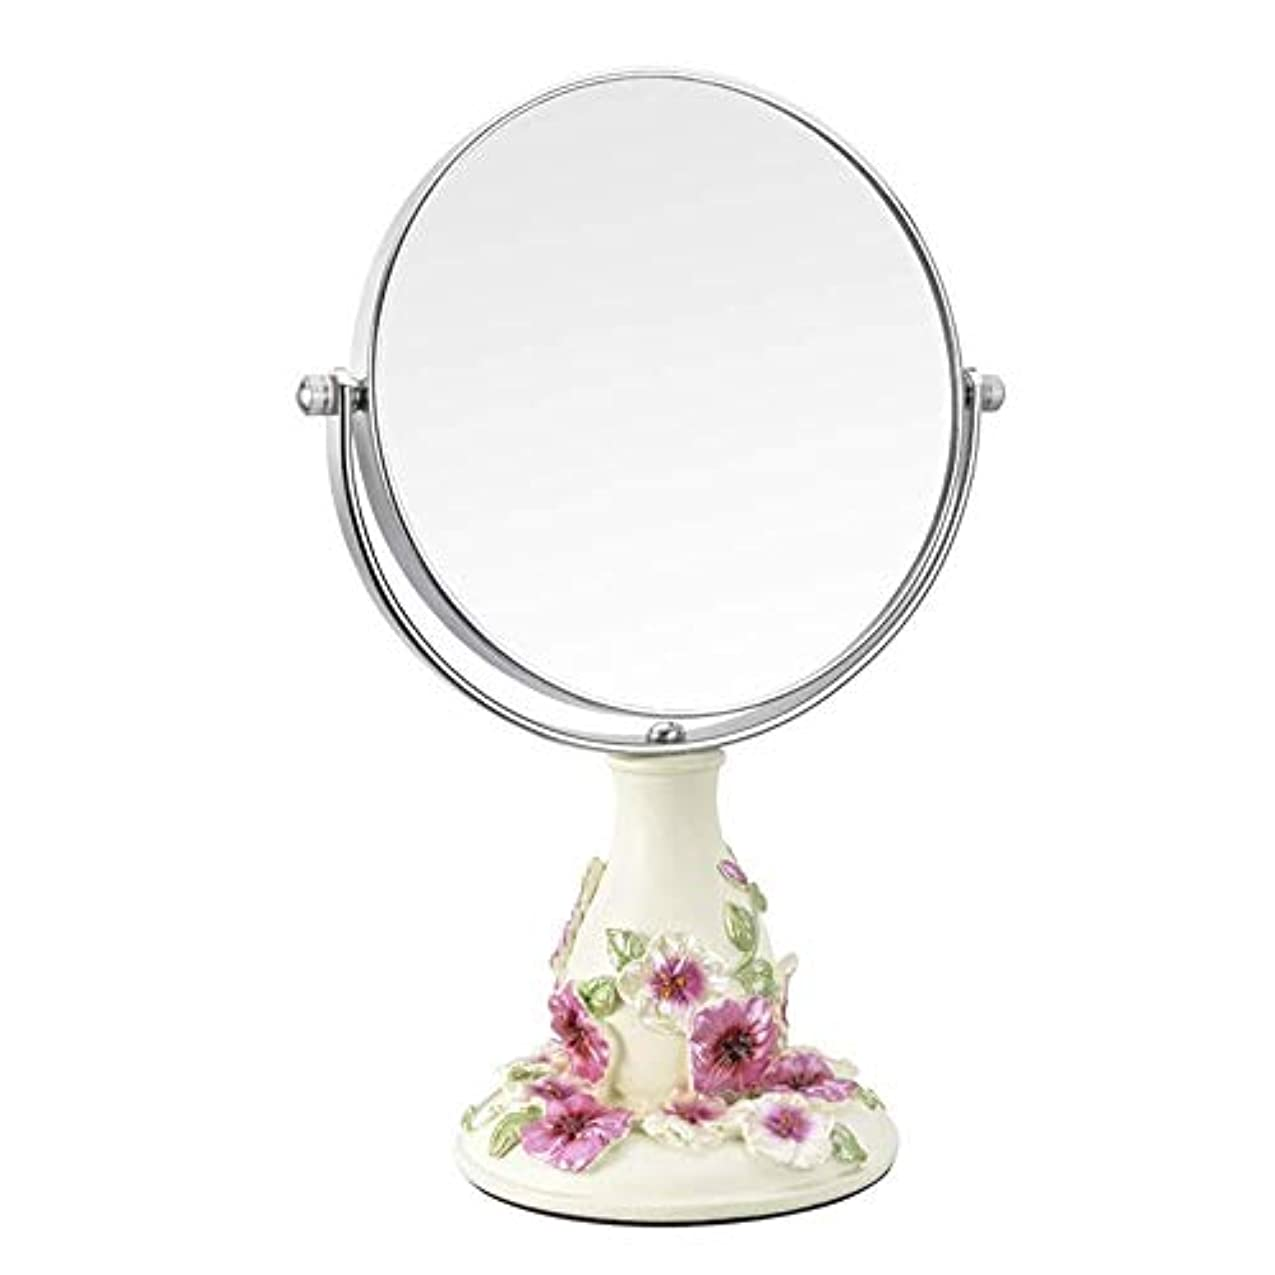 口径シプリーステレオタイプ流行の ビンテージ化粧鏡、鏡360°回転スタンド、1倍と3倍の倍率、ラウンドダブル両面回転化粧鏡